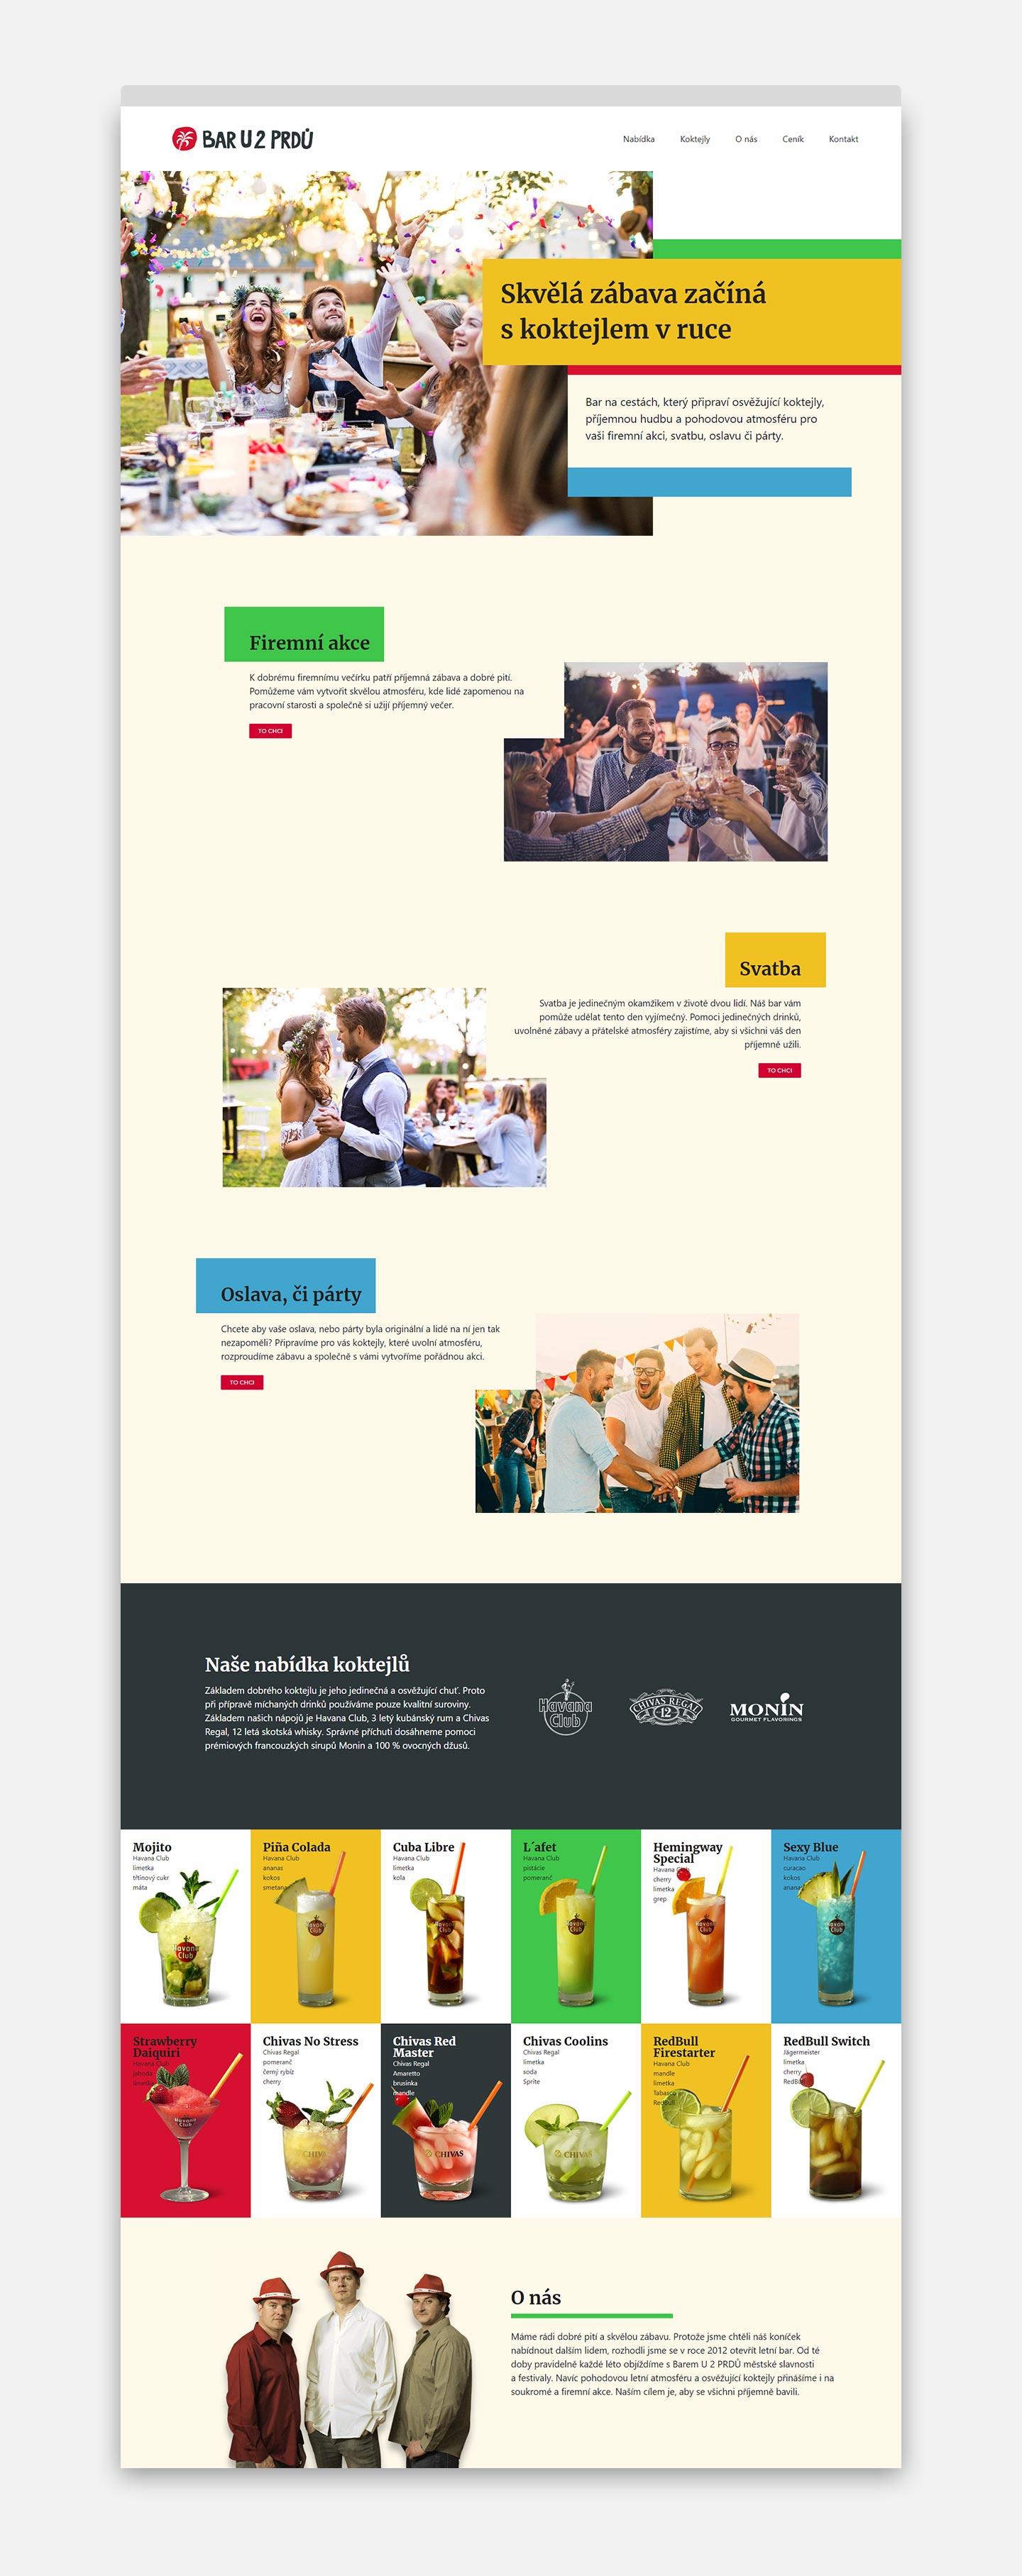 Bar U 2 PRDŮ - náhled webových stránek